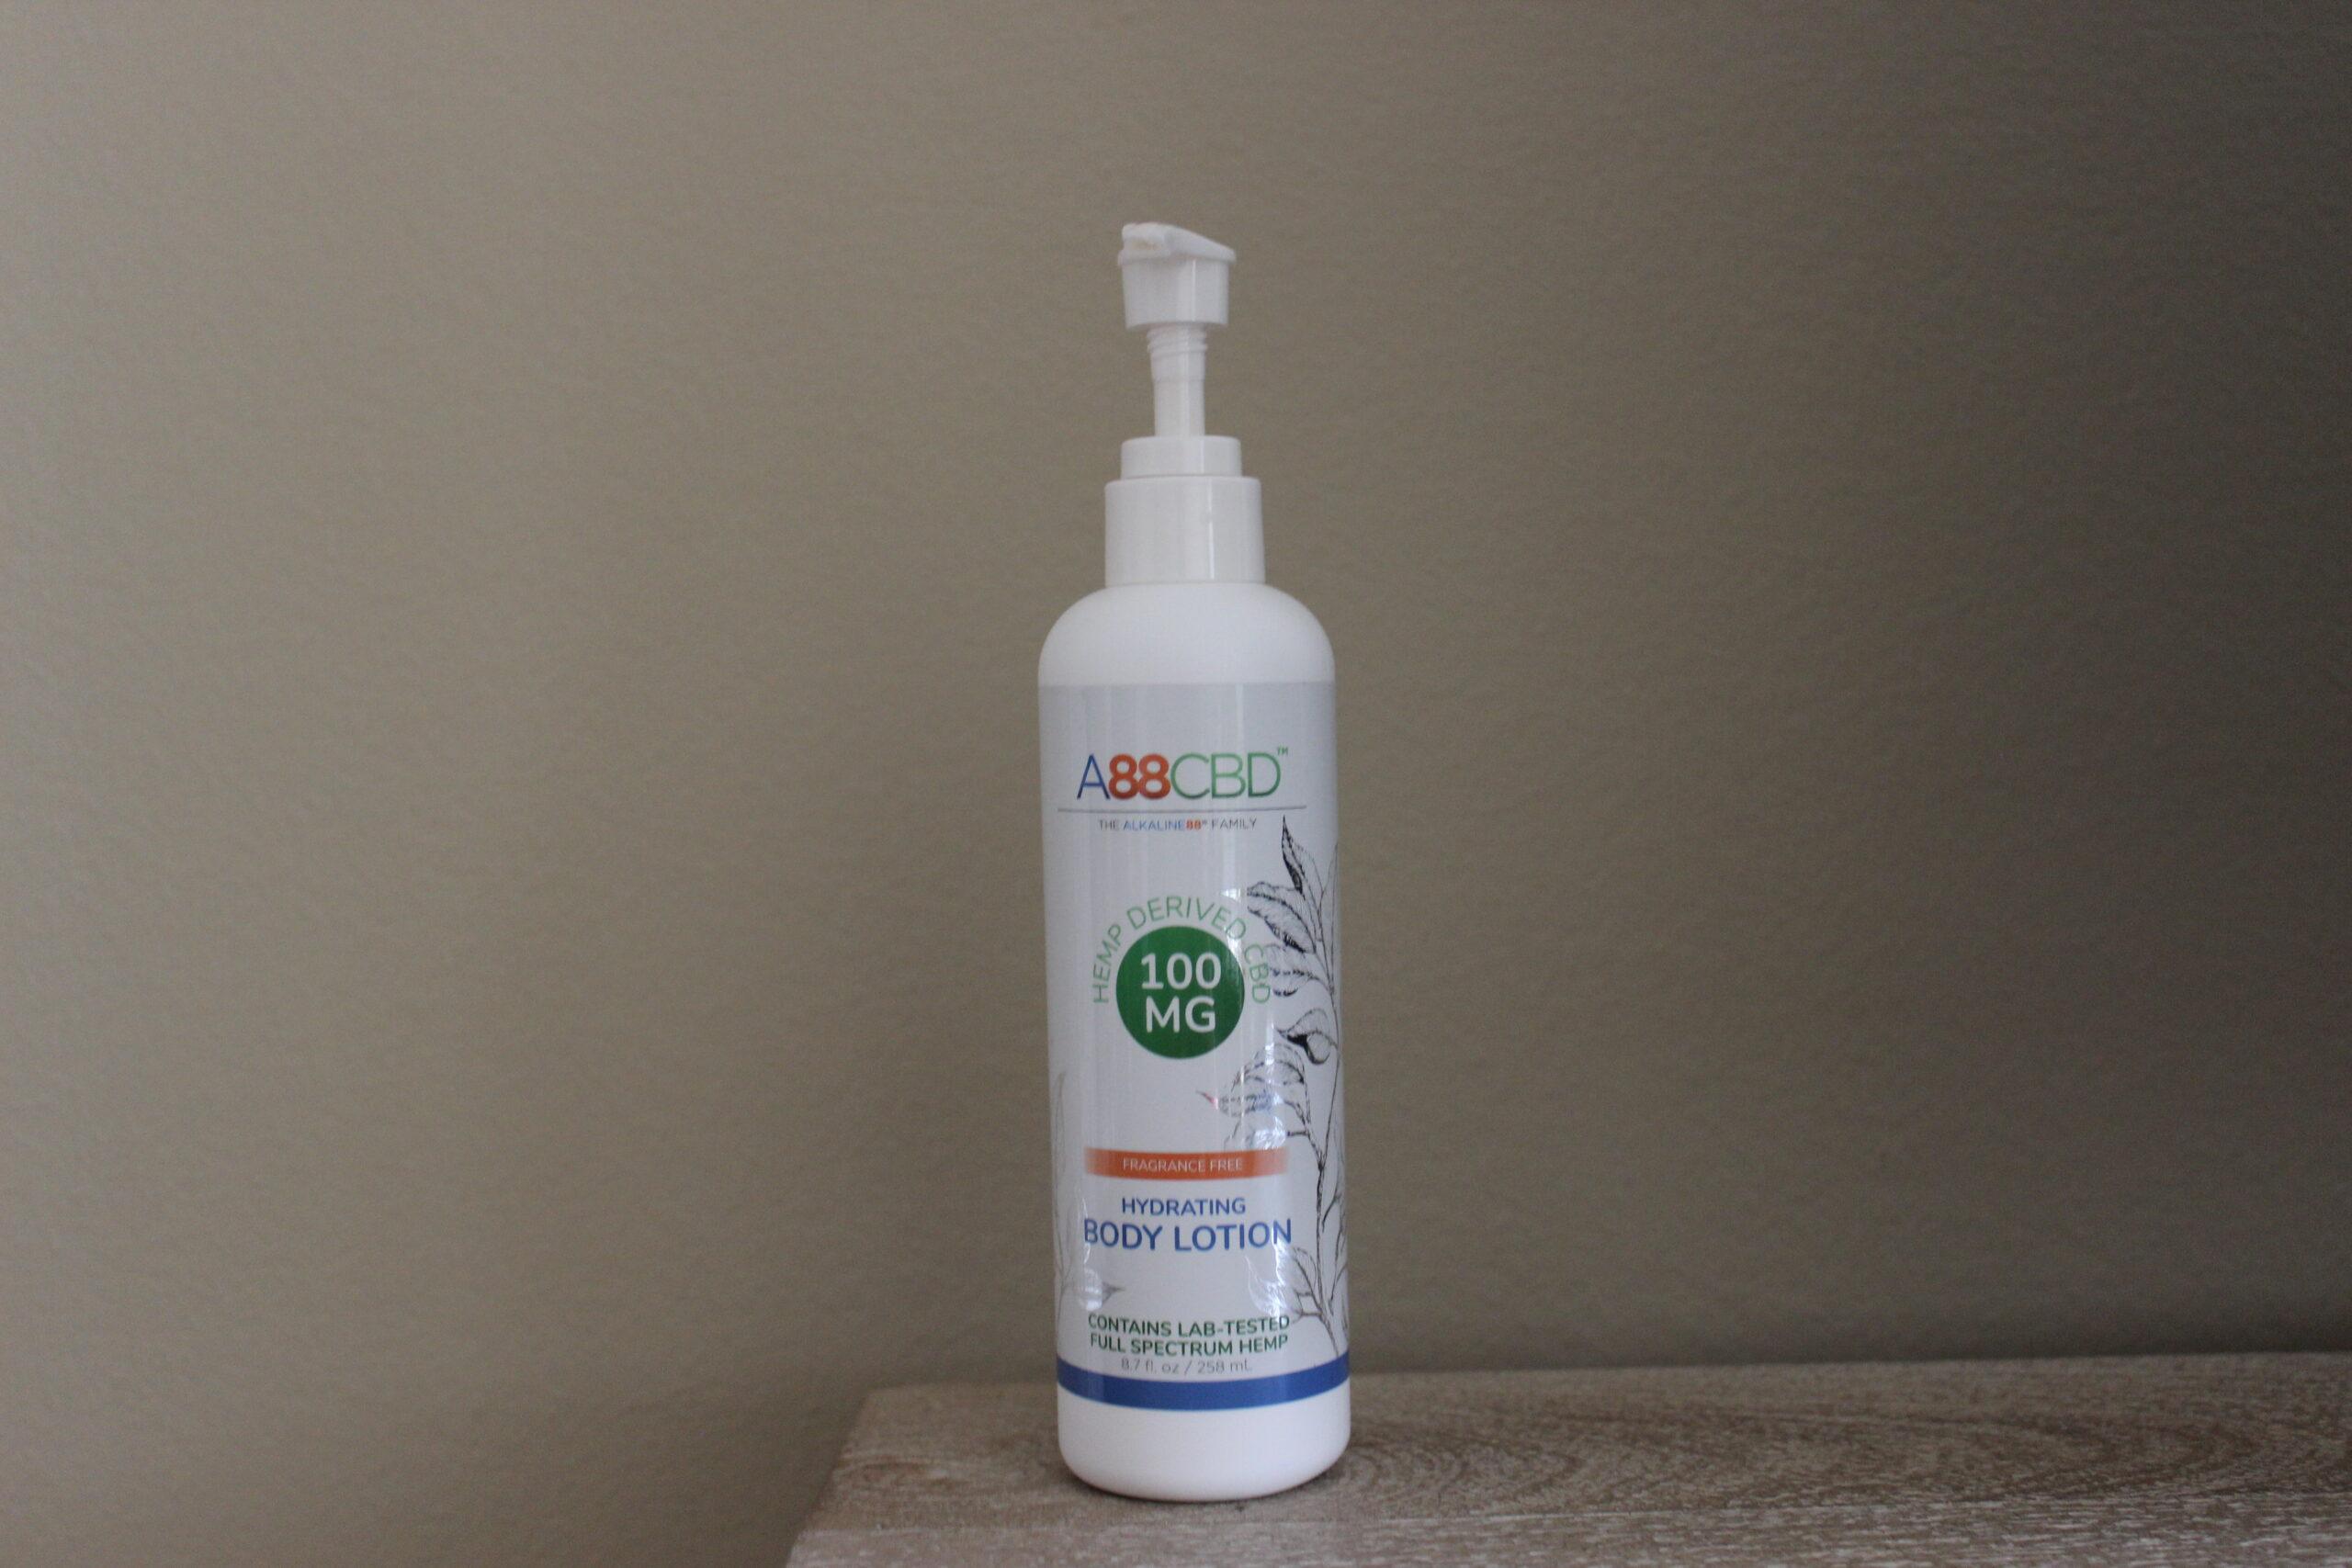 A88CBD Hydrating CBD Body Lotion